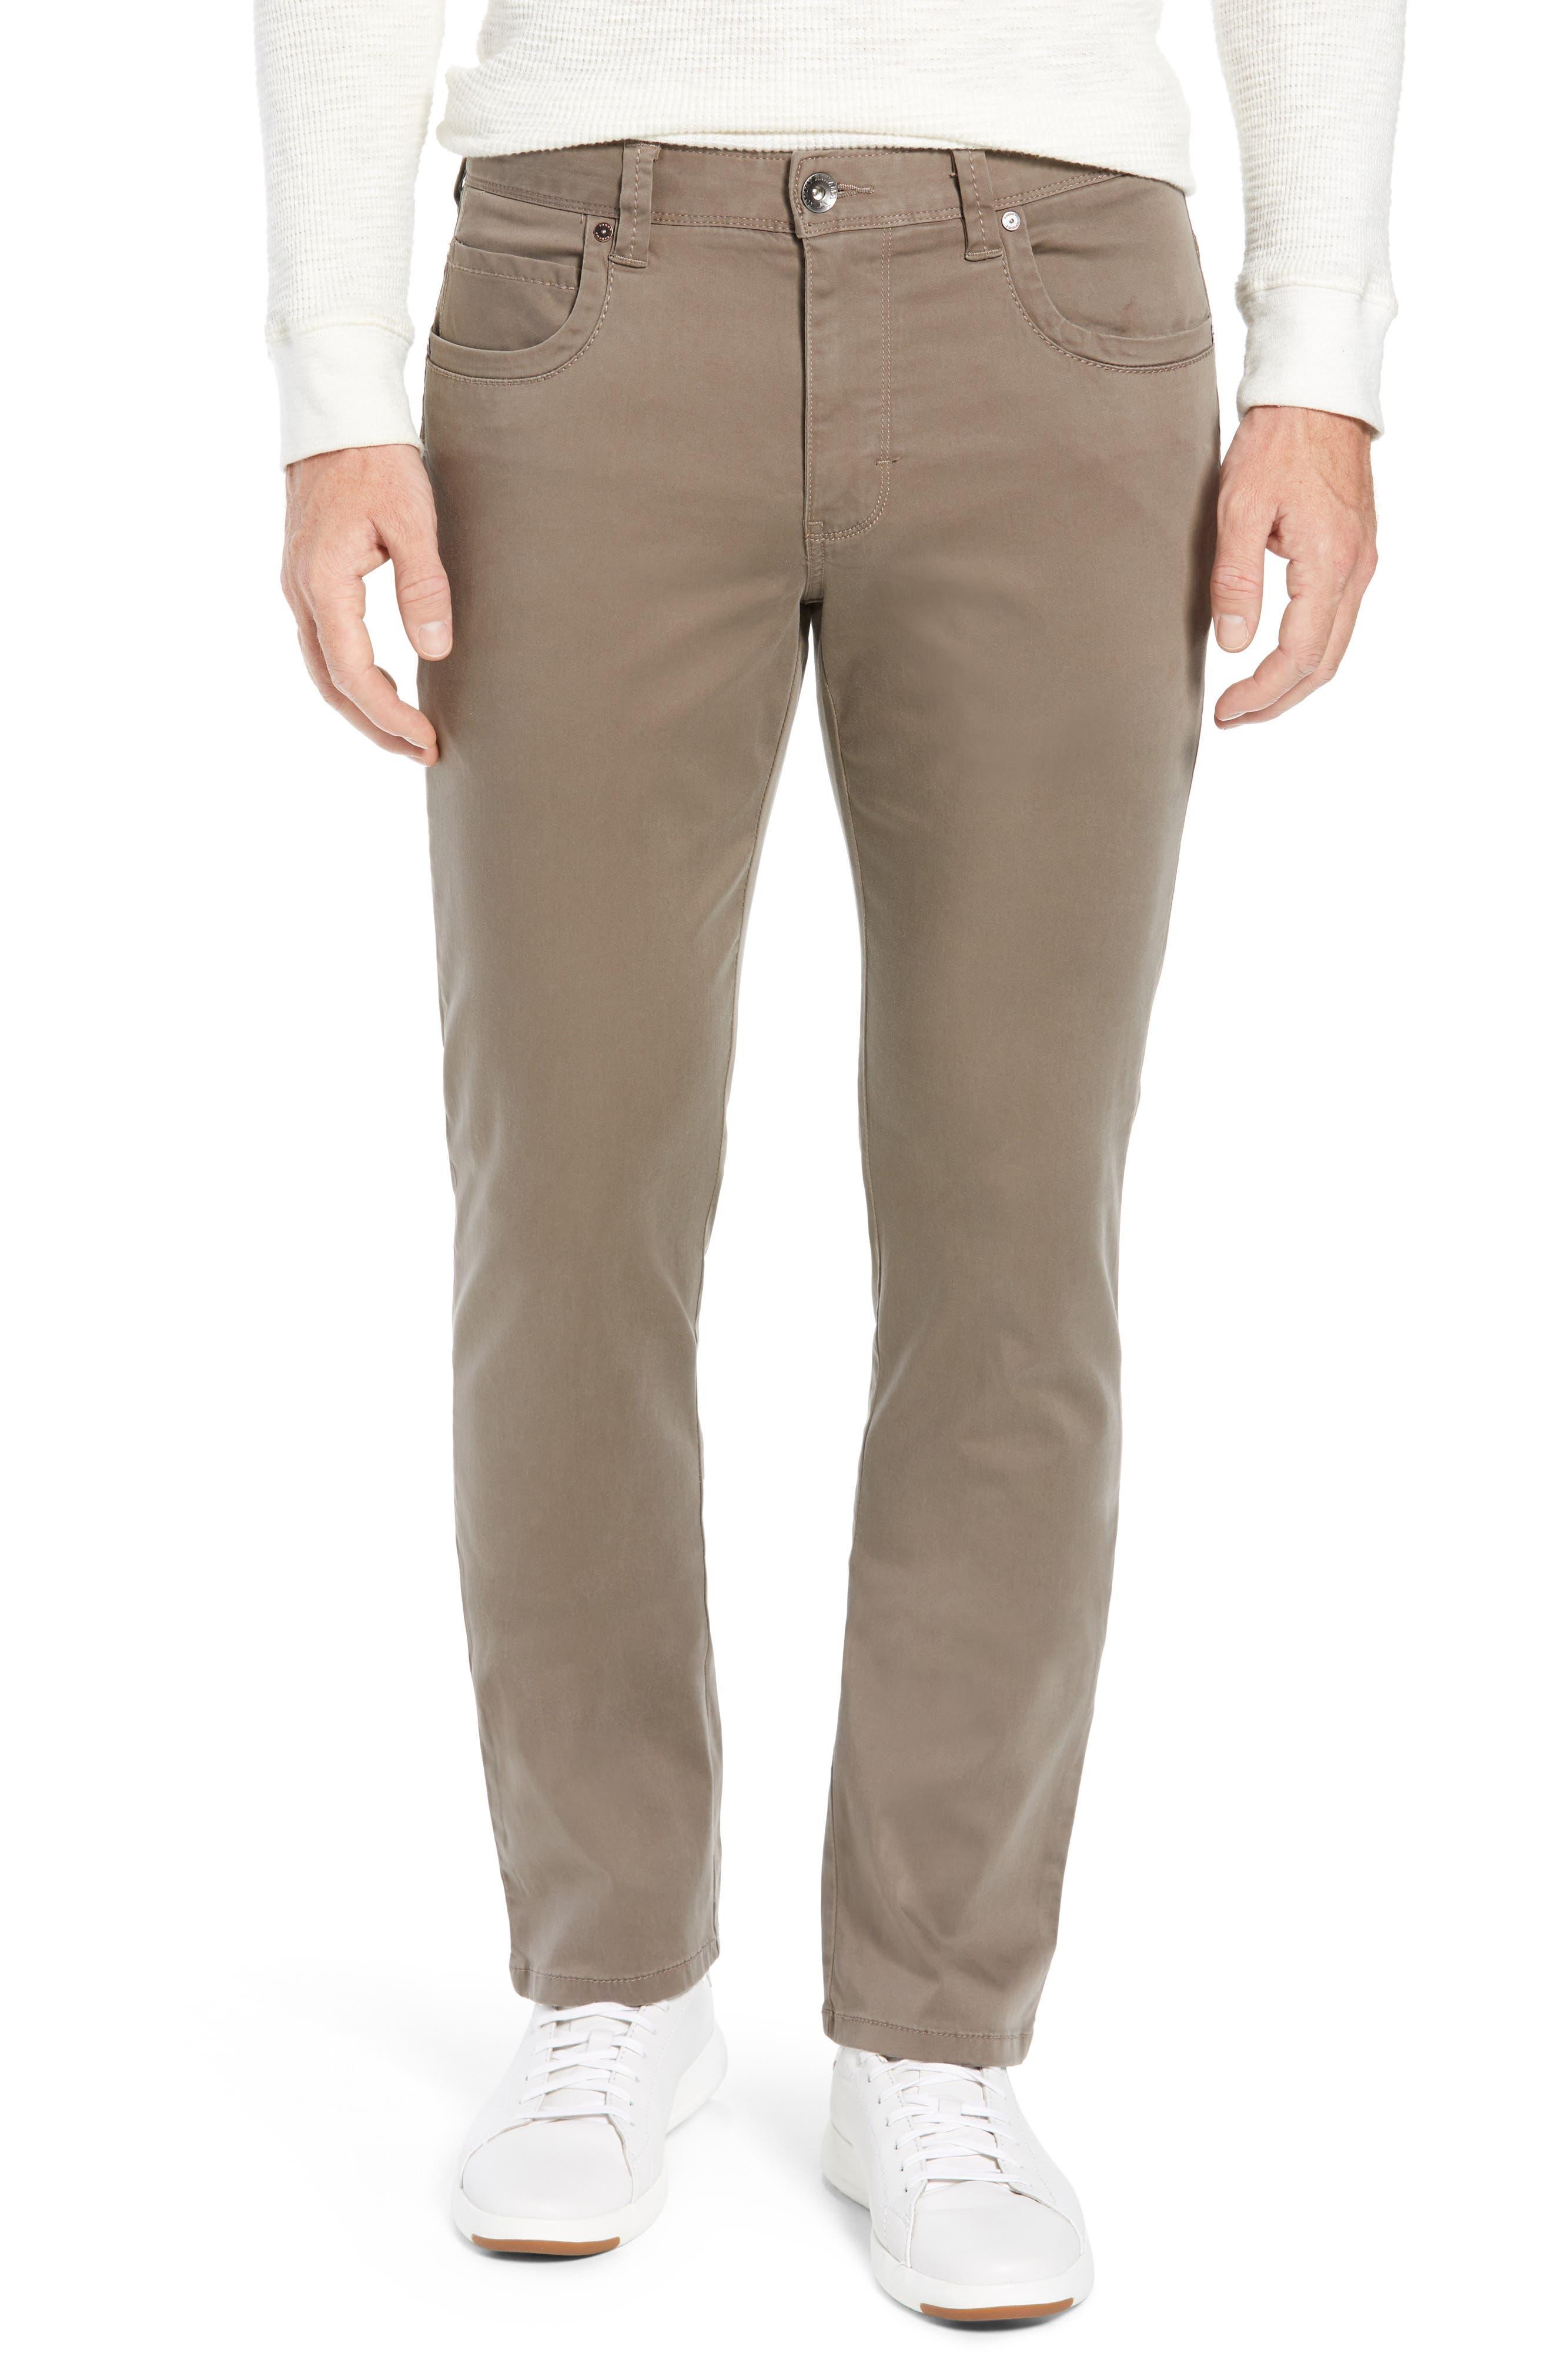 Boracay Pants,                         Main,                         color, BISON